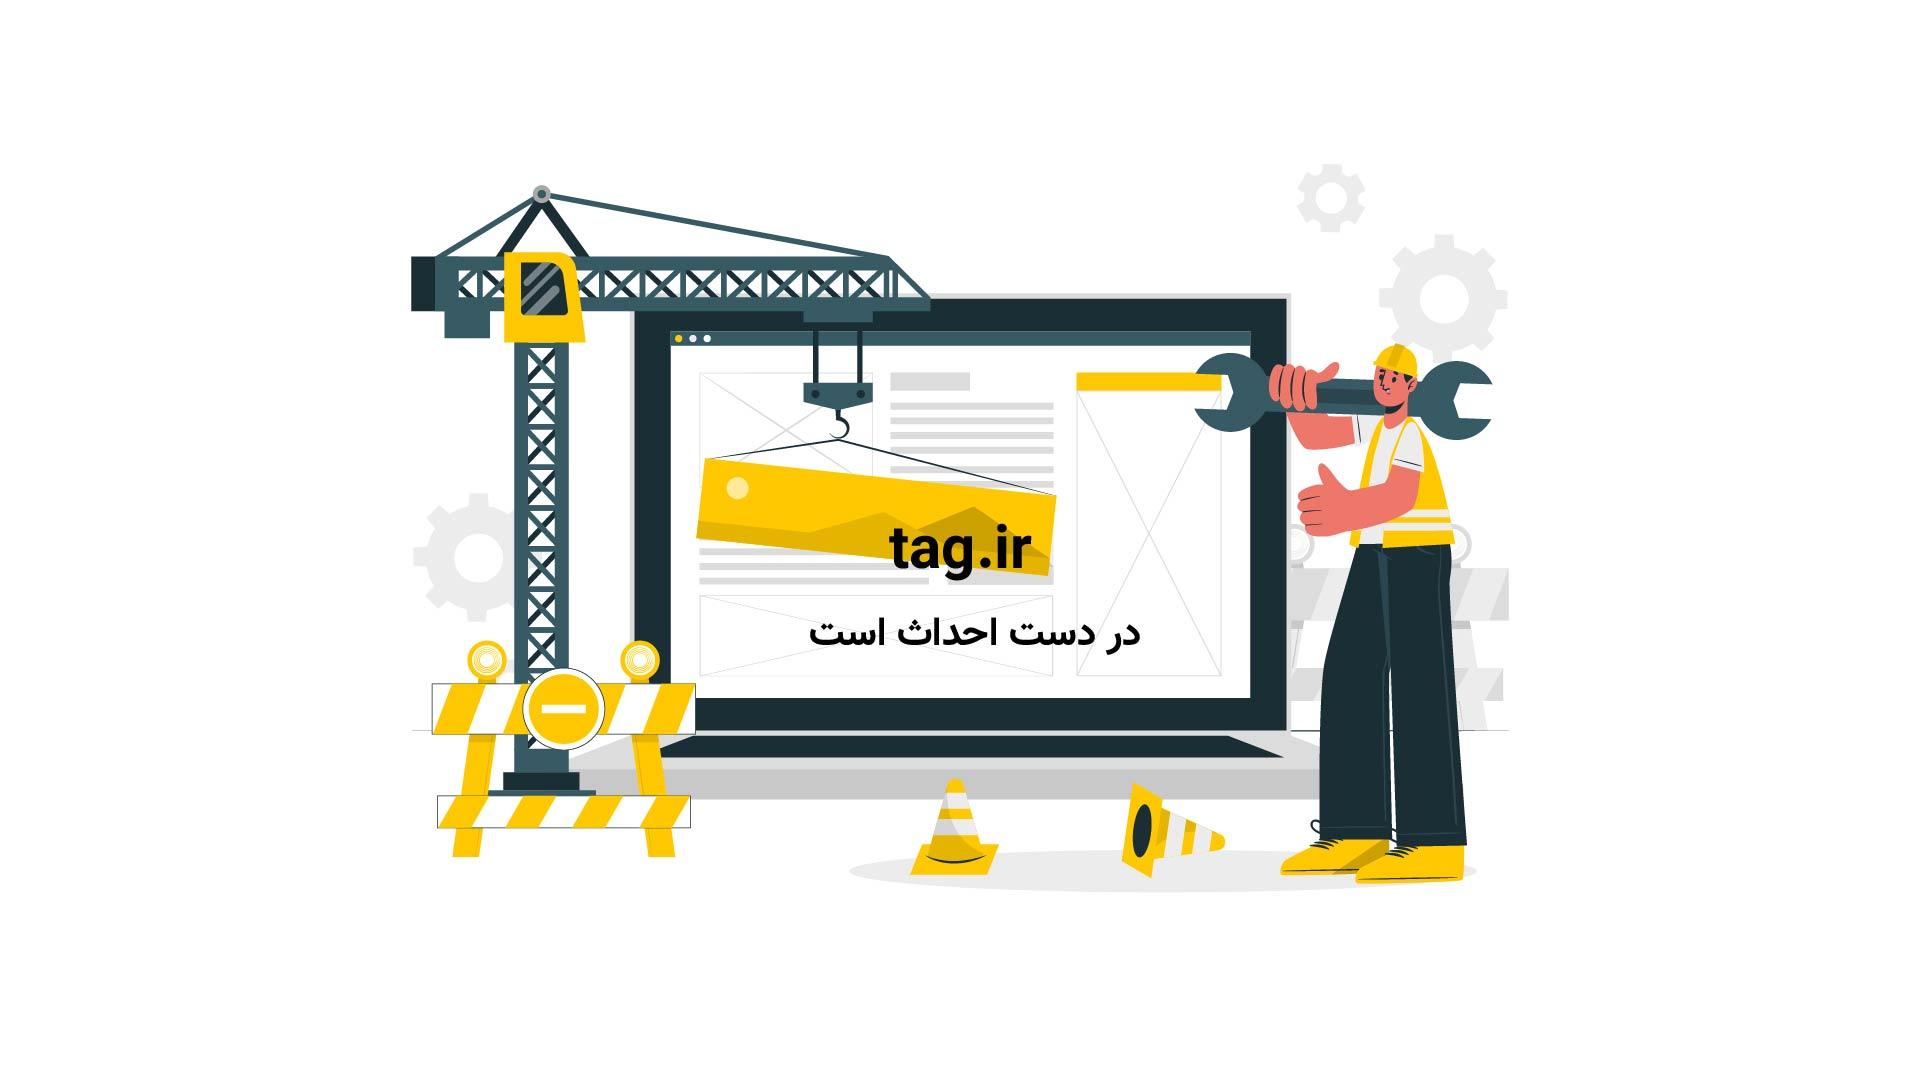 فیلم غذا خوردن دامپزشک در قفس سگی که اشتهایش را از دست داده بود